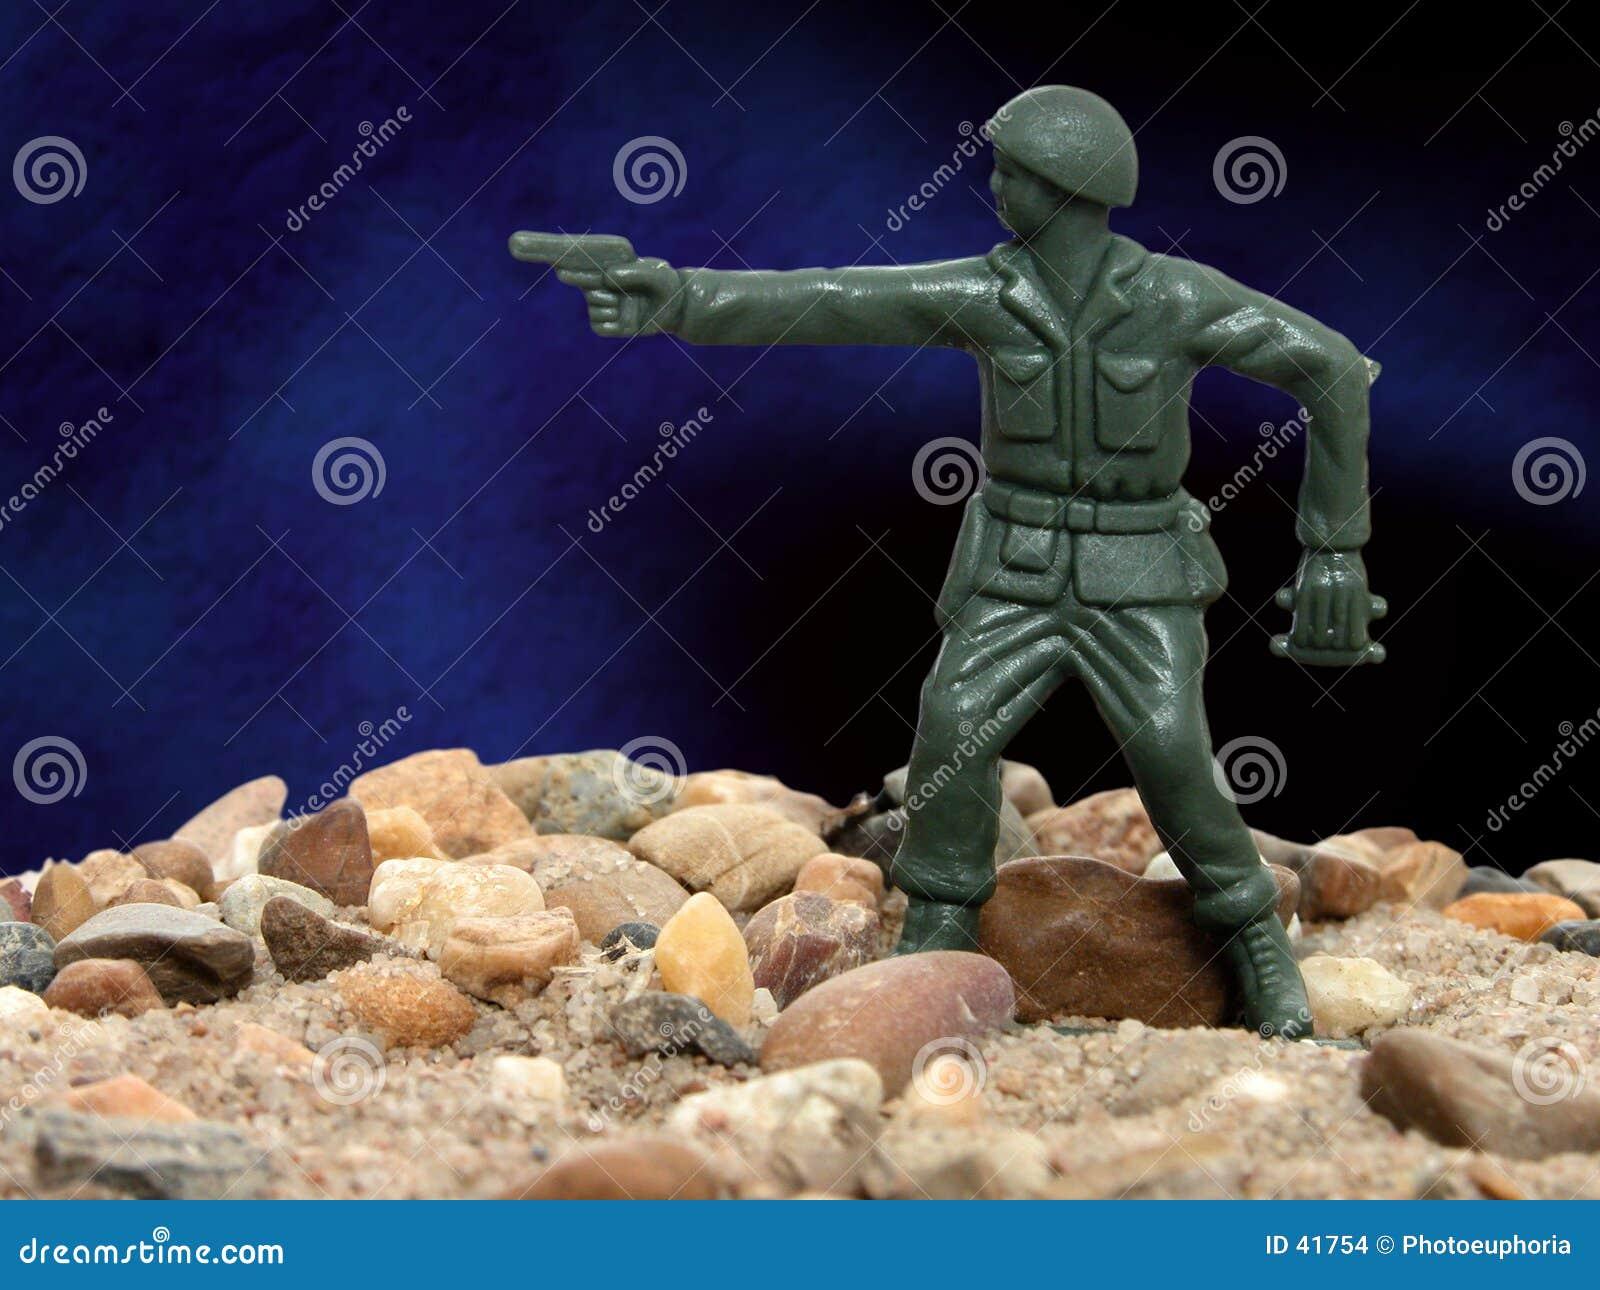 Toy Green Army Man 01